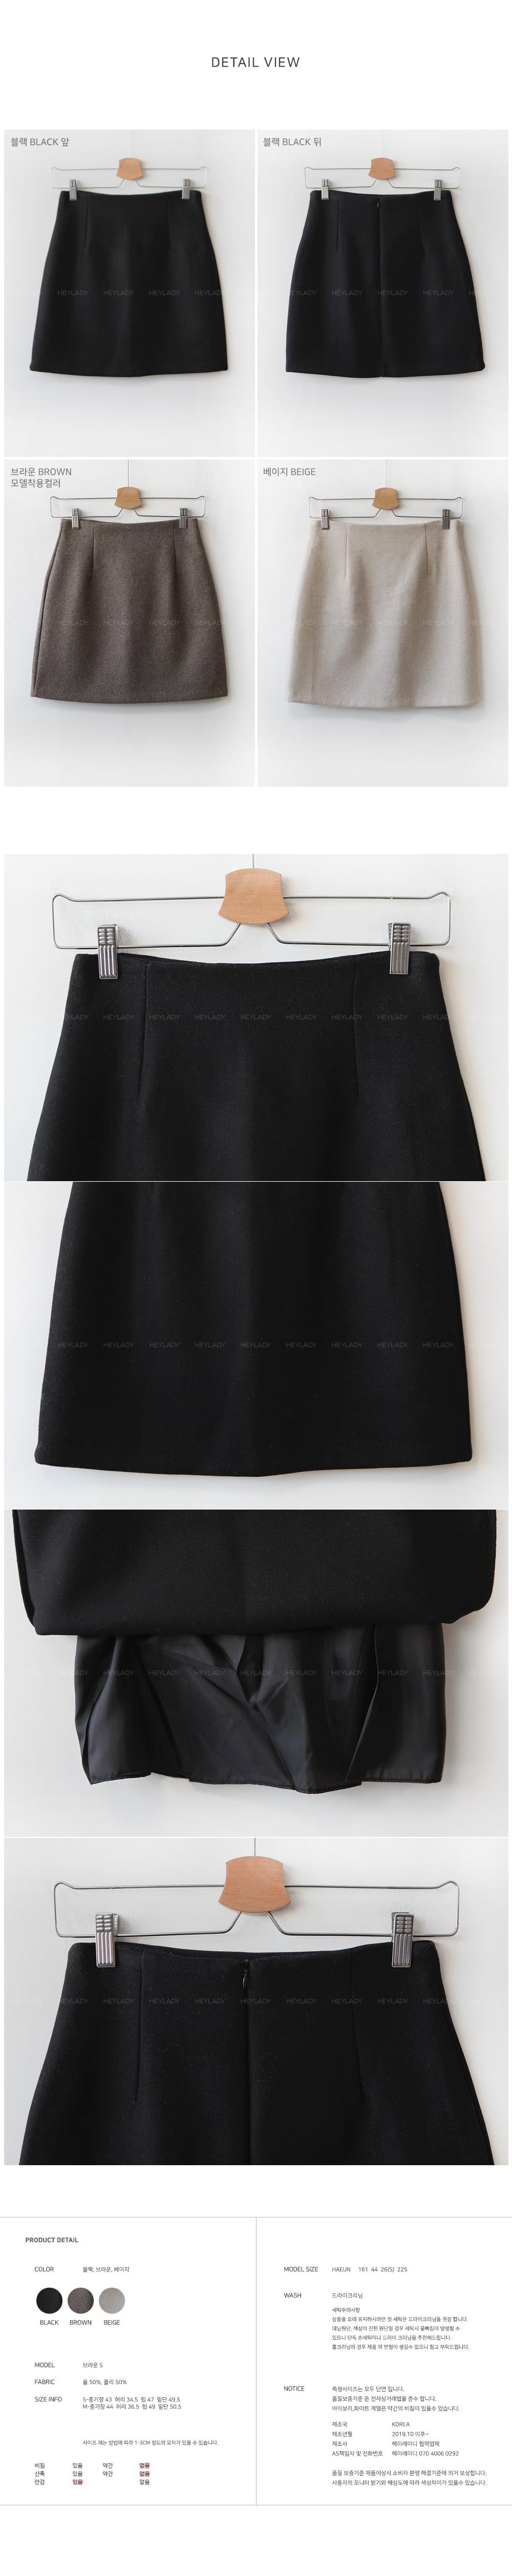 Evergreen wool skirt